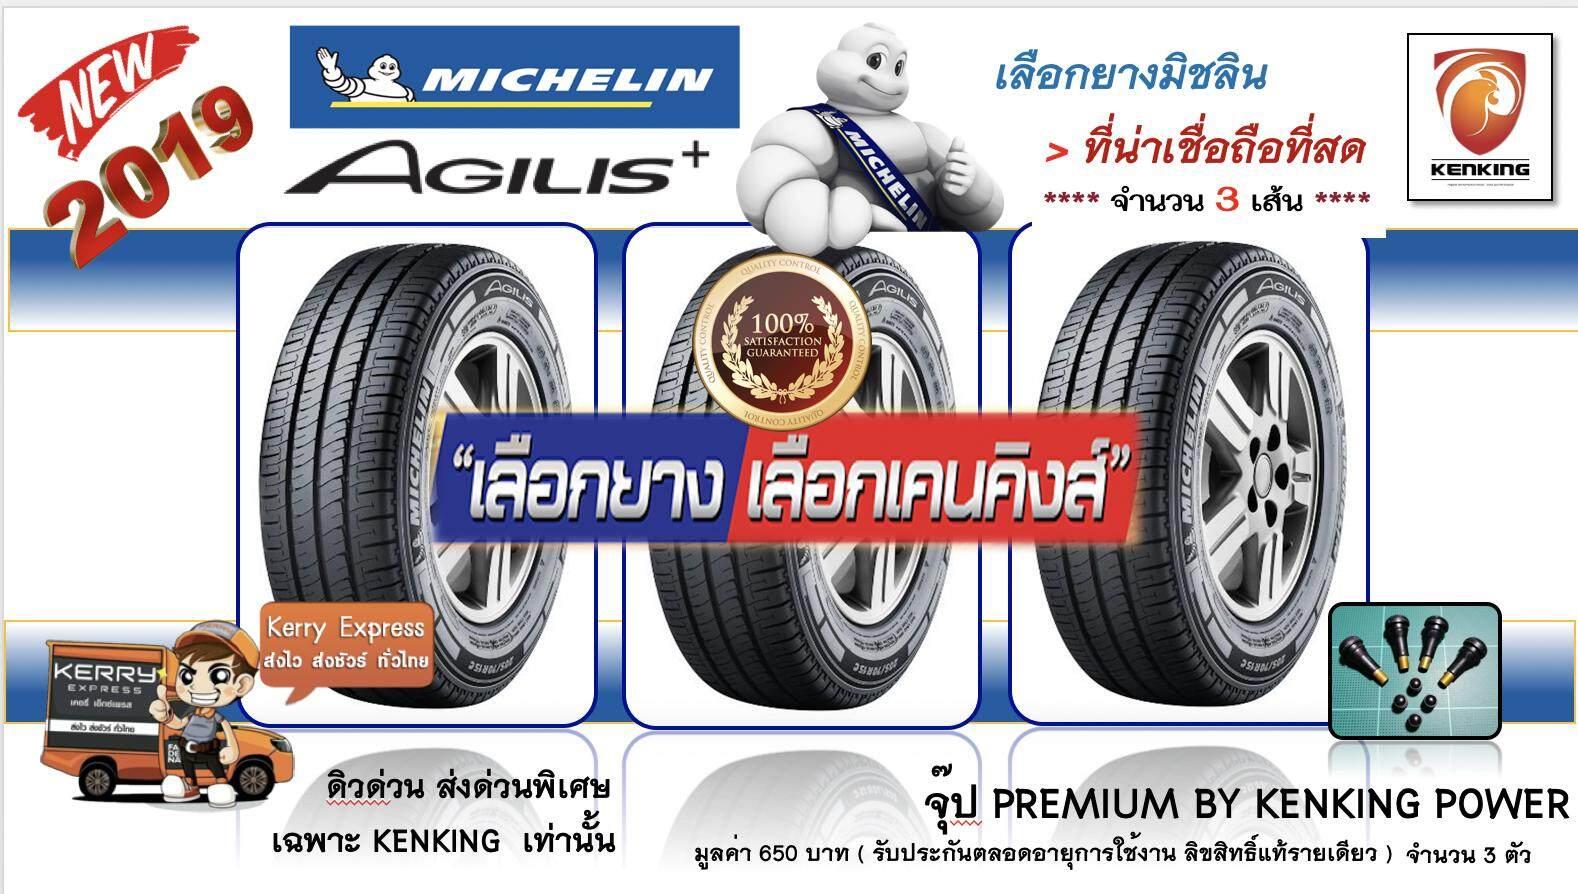 เพชรบูรณ์ ยางรถยนต์ขอบ16 Michelin NEW!! 2019 215/70 R16 AGILIS จำนวน 3 เส้น FREE!! จุ๊ป KENKING POWER Premium มูลค่า 650 บาท